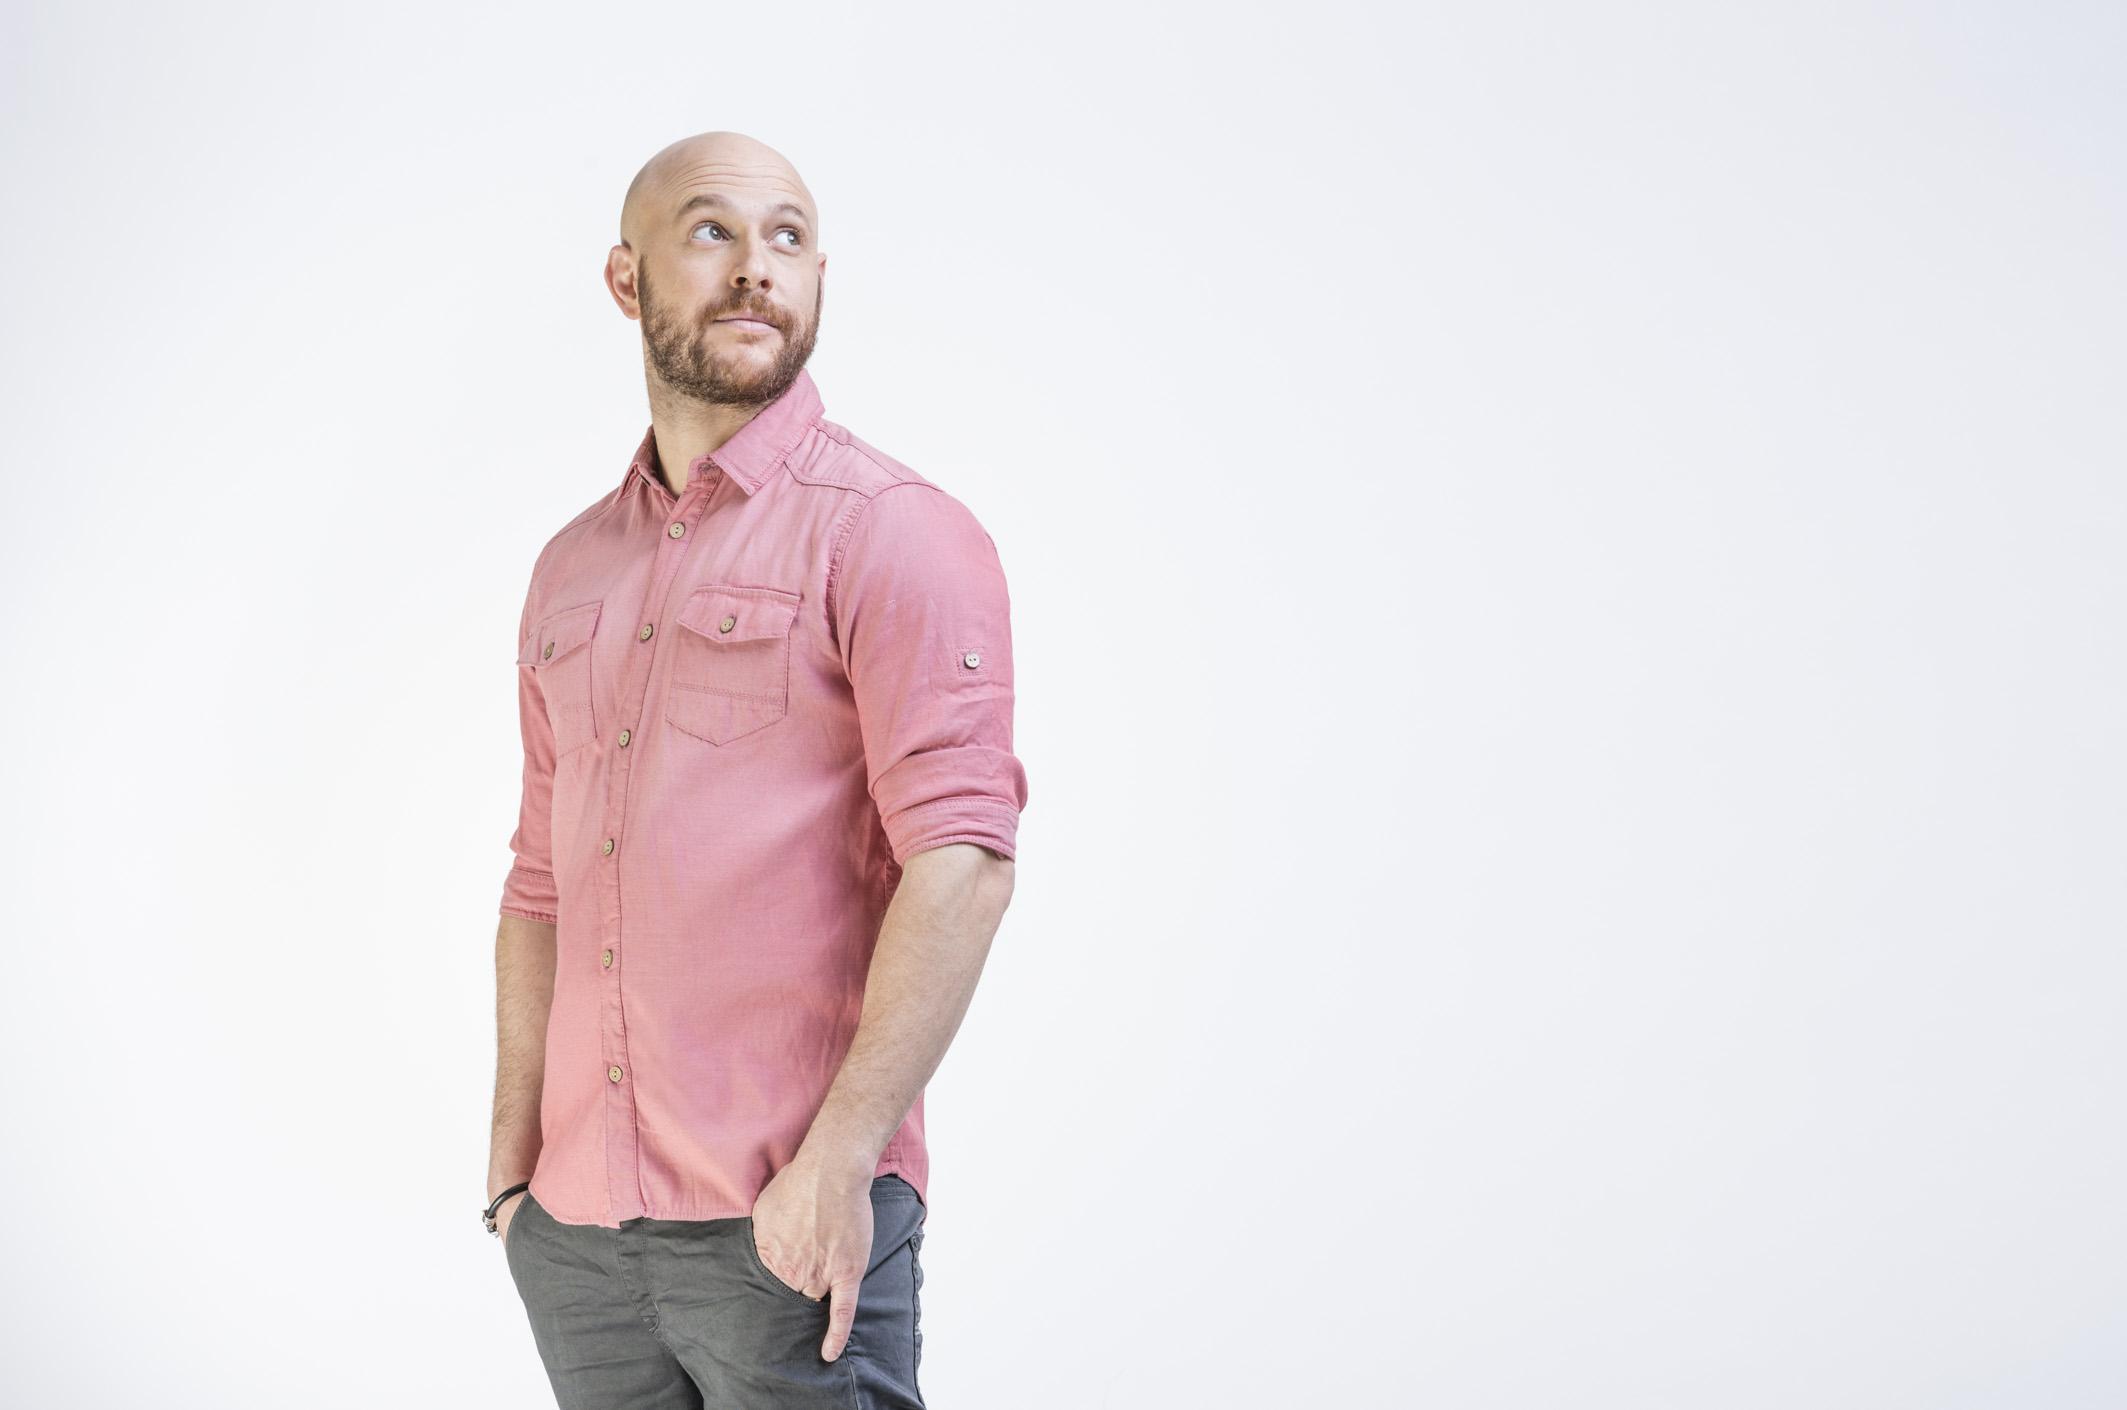 Man in Pink Shirt